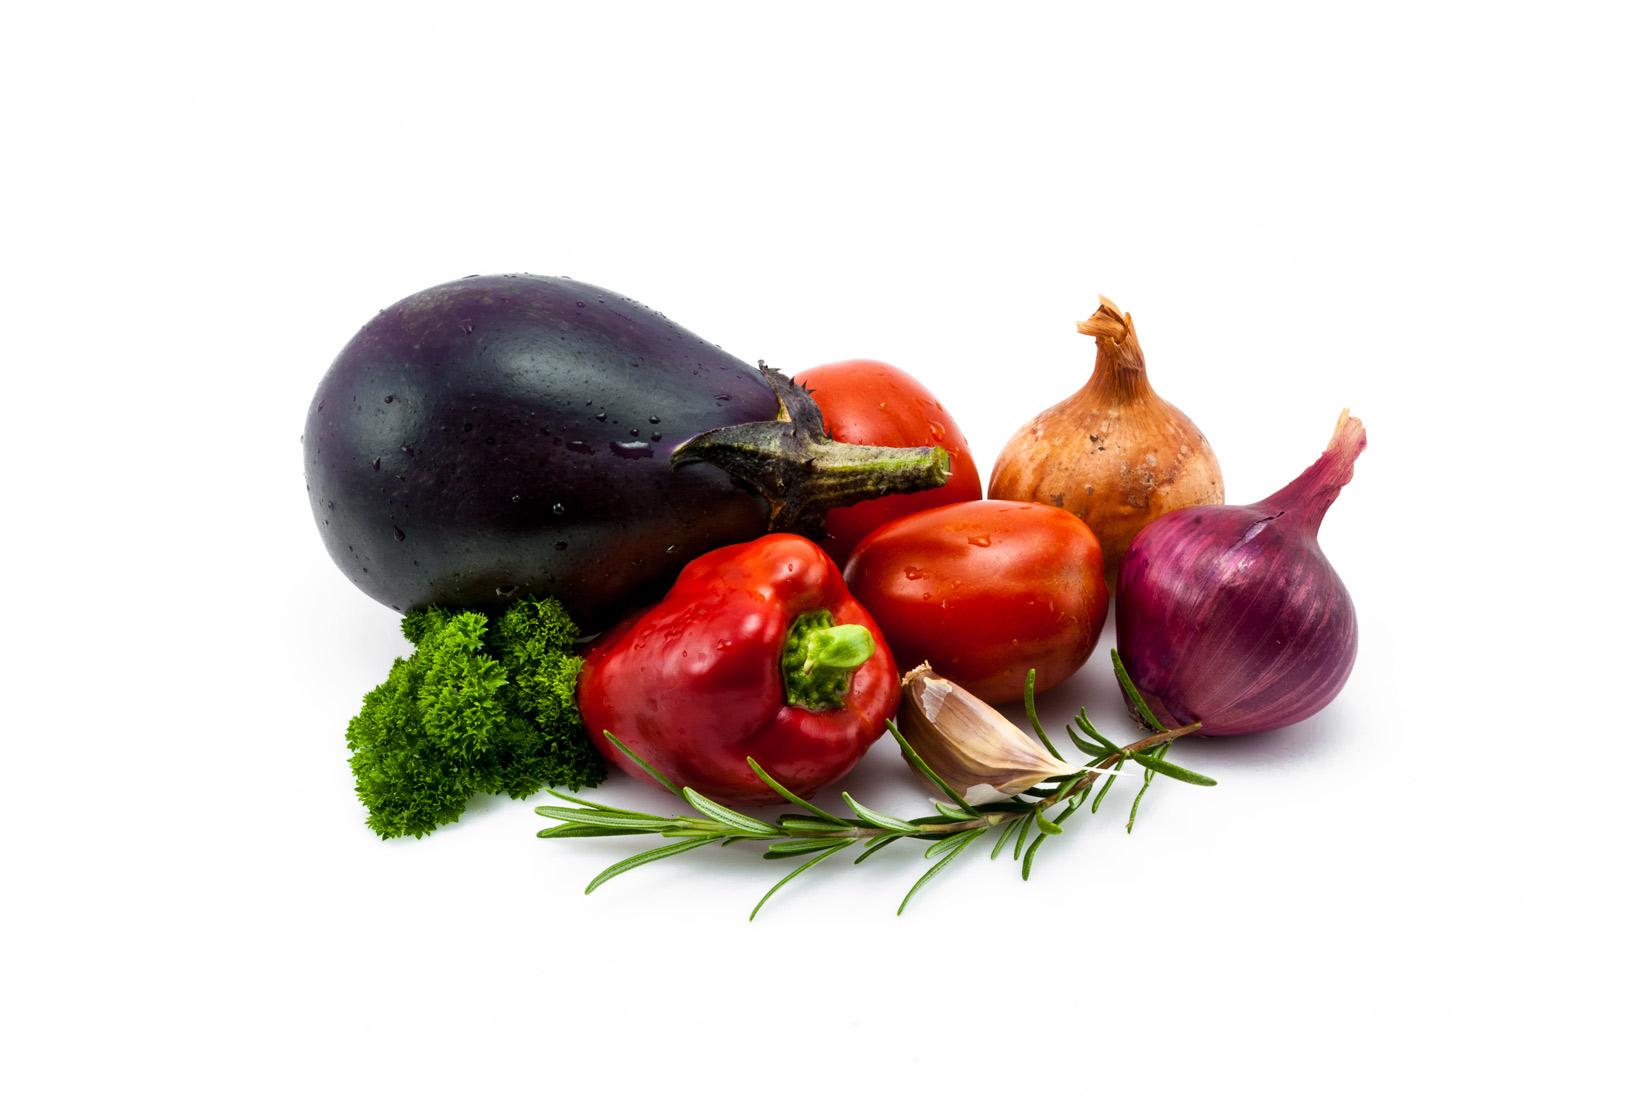 Lilek, papriky, rajčata a cibule - základní pilíře Melitzanopity